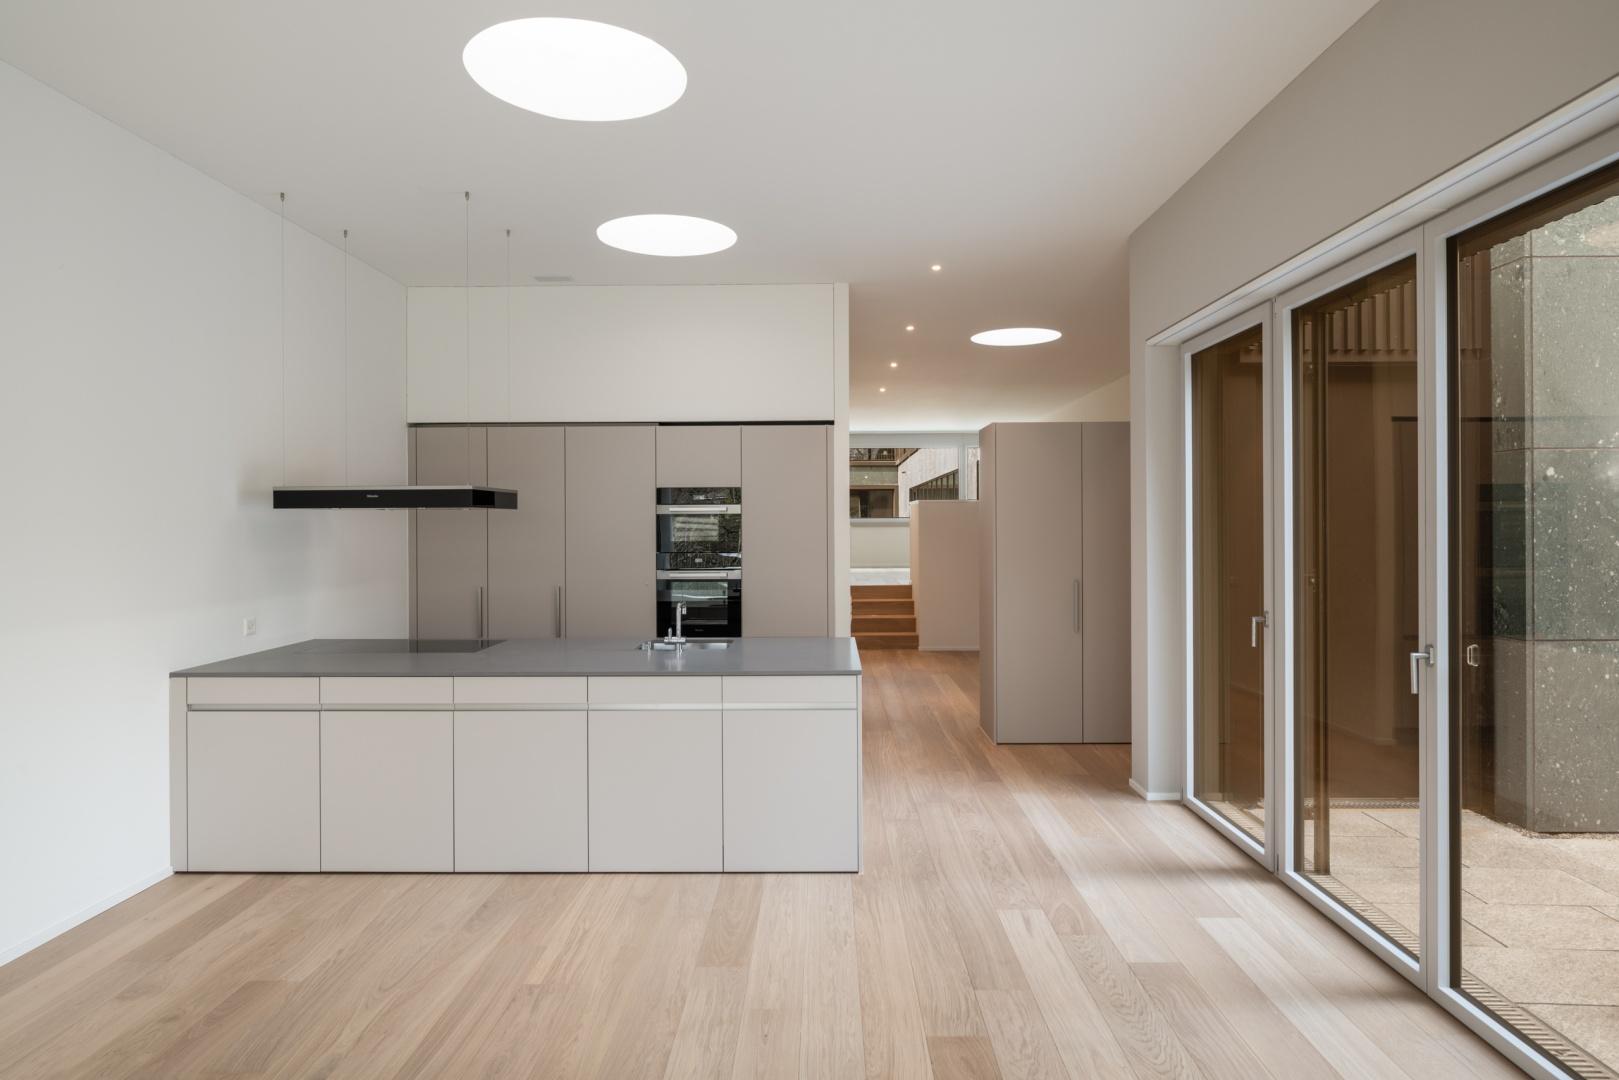 Wohnung © Rob Lewis Photography, Wasserwerkgasse 29, 3011 Bern